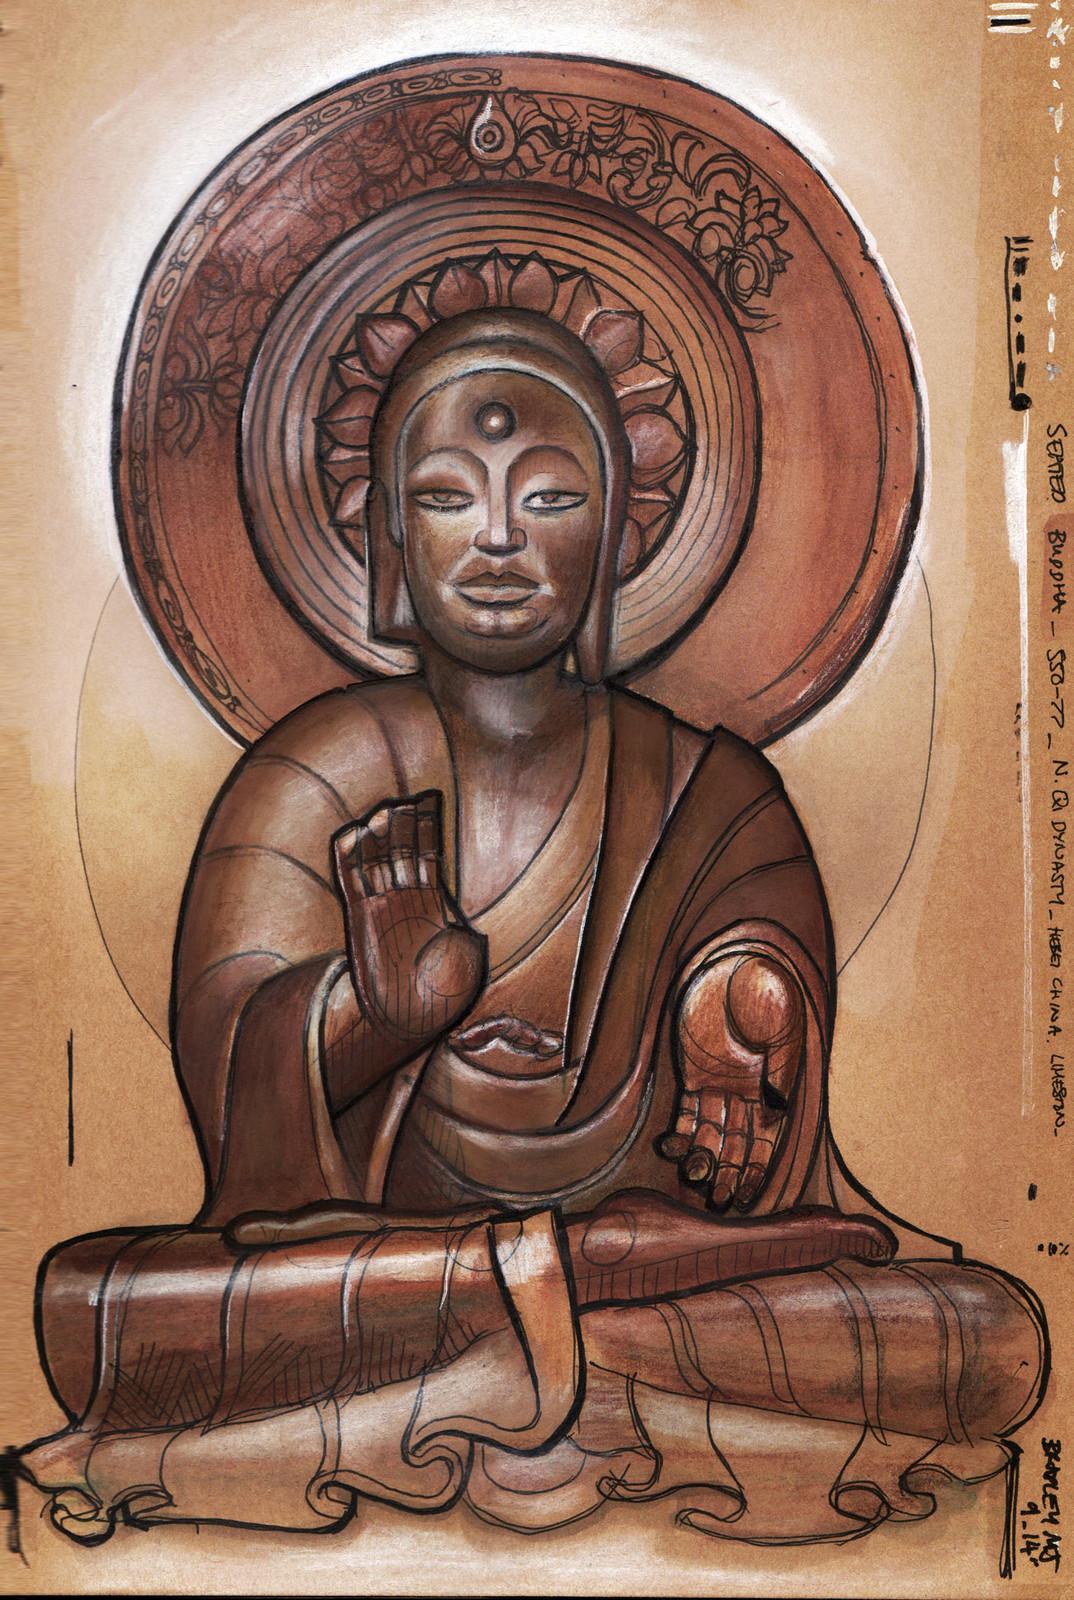 Bhudda Statue, British Museum